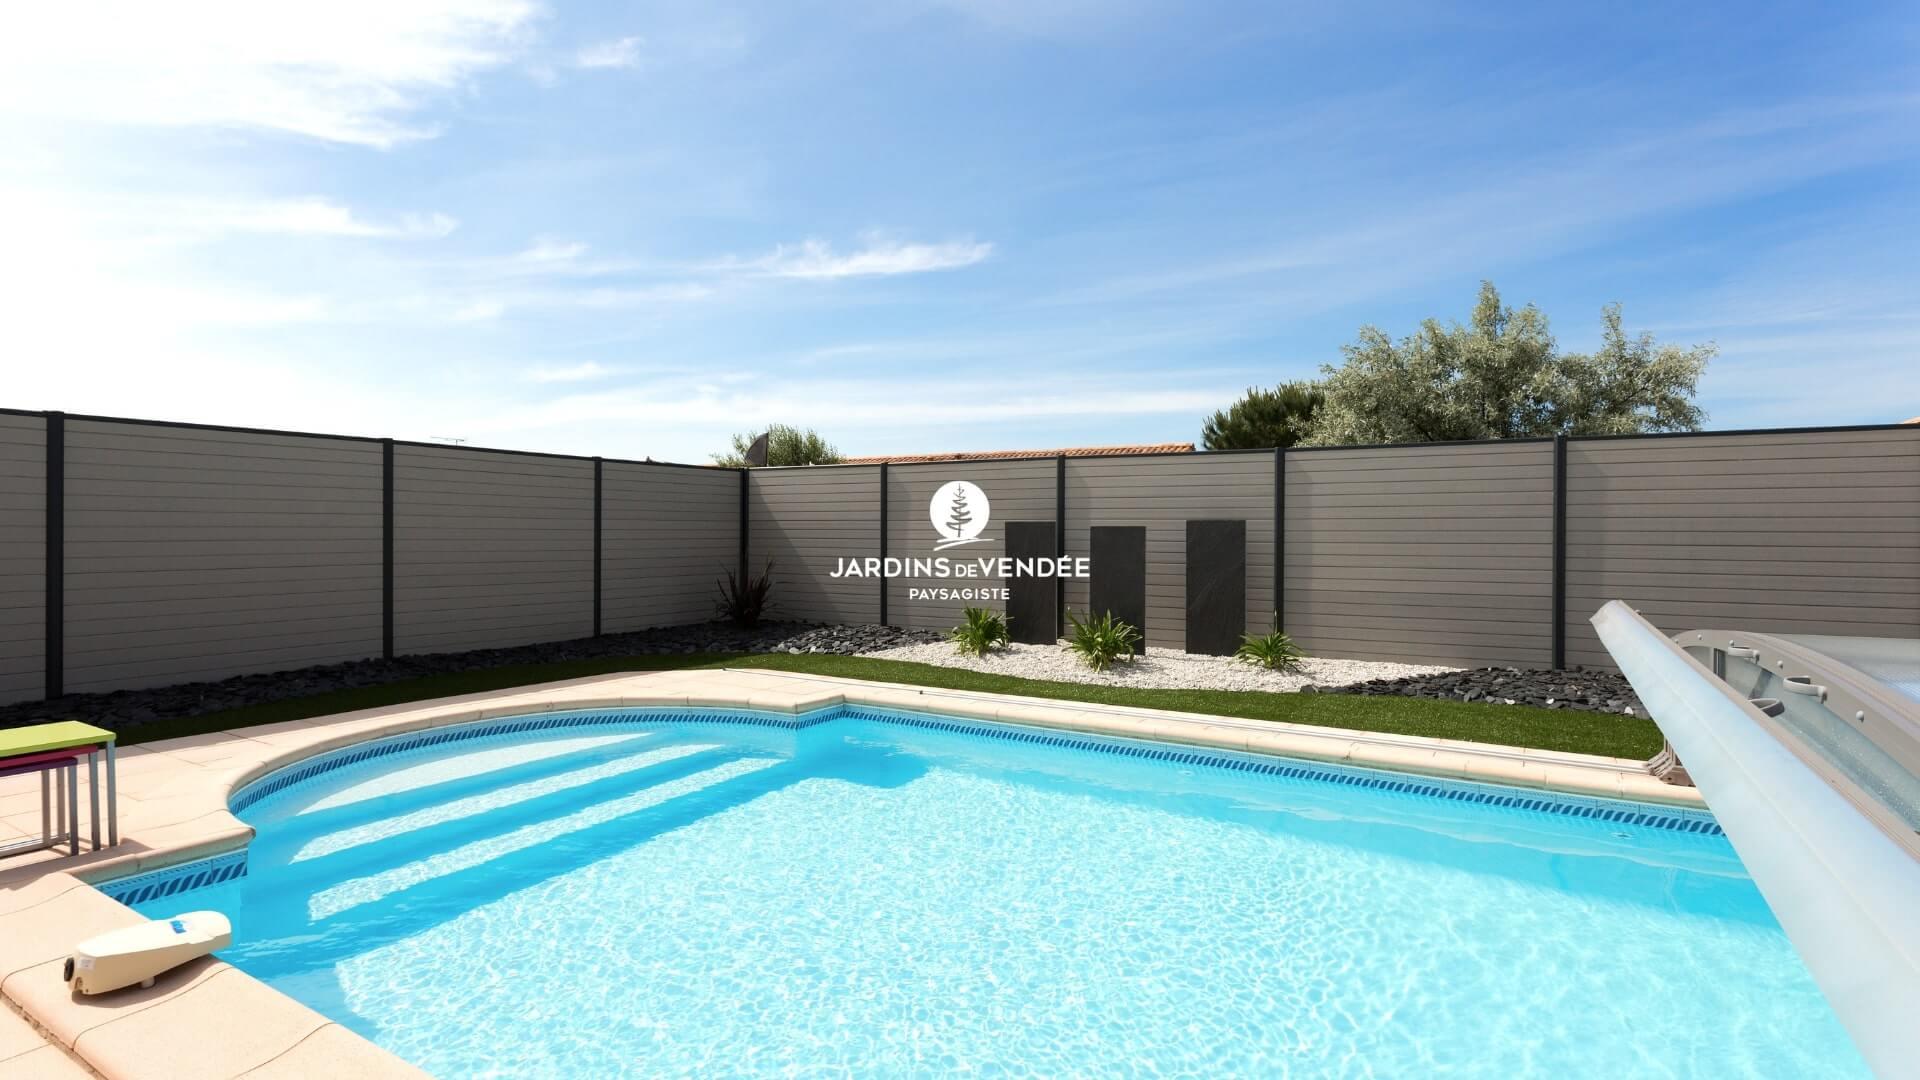 jardins-de-vendee-realisations-piscines-bassins(15)